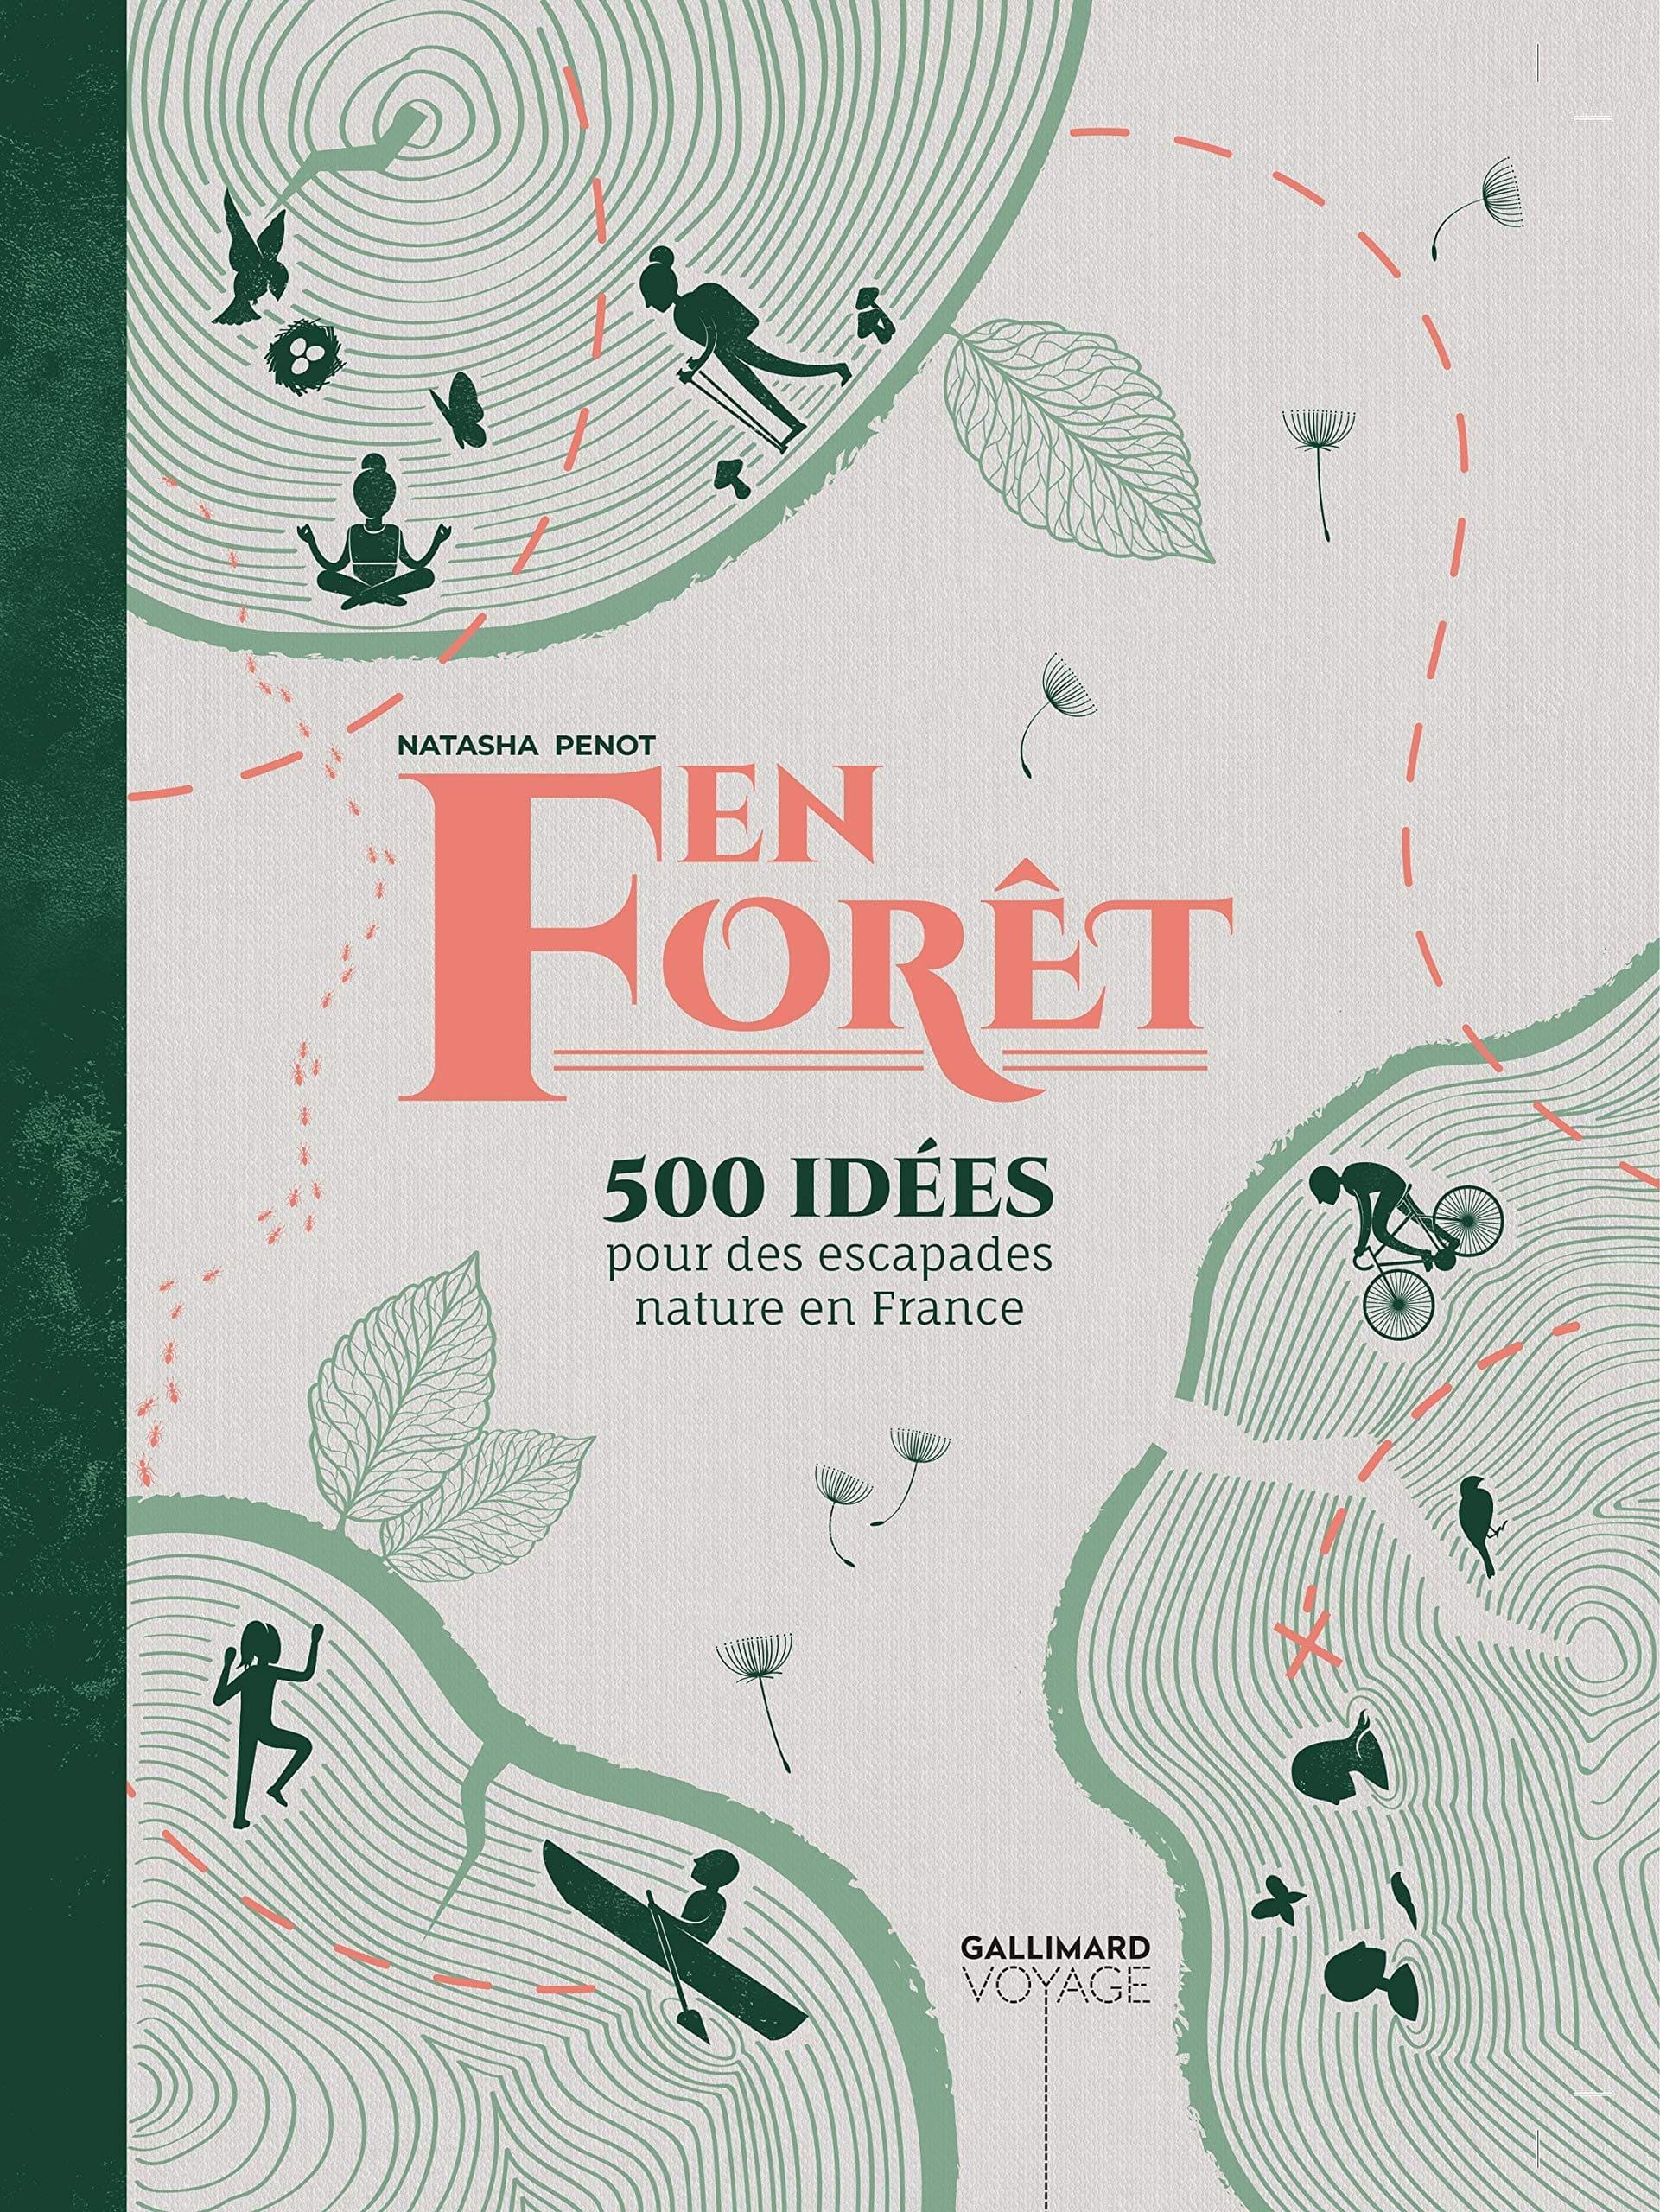 En forêt: 500 idées pour des escapades nature en France